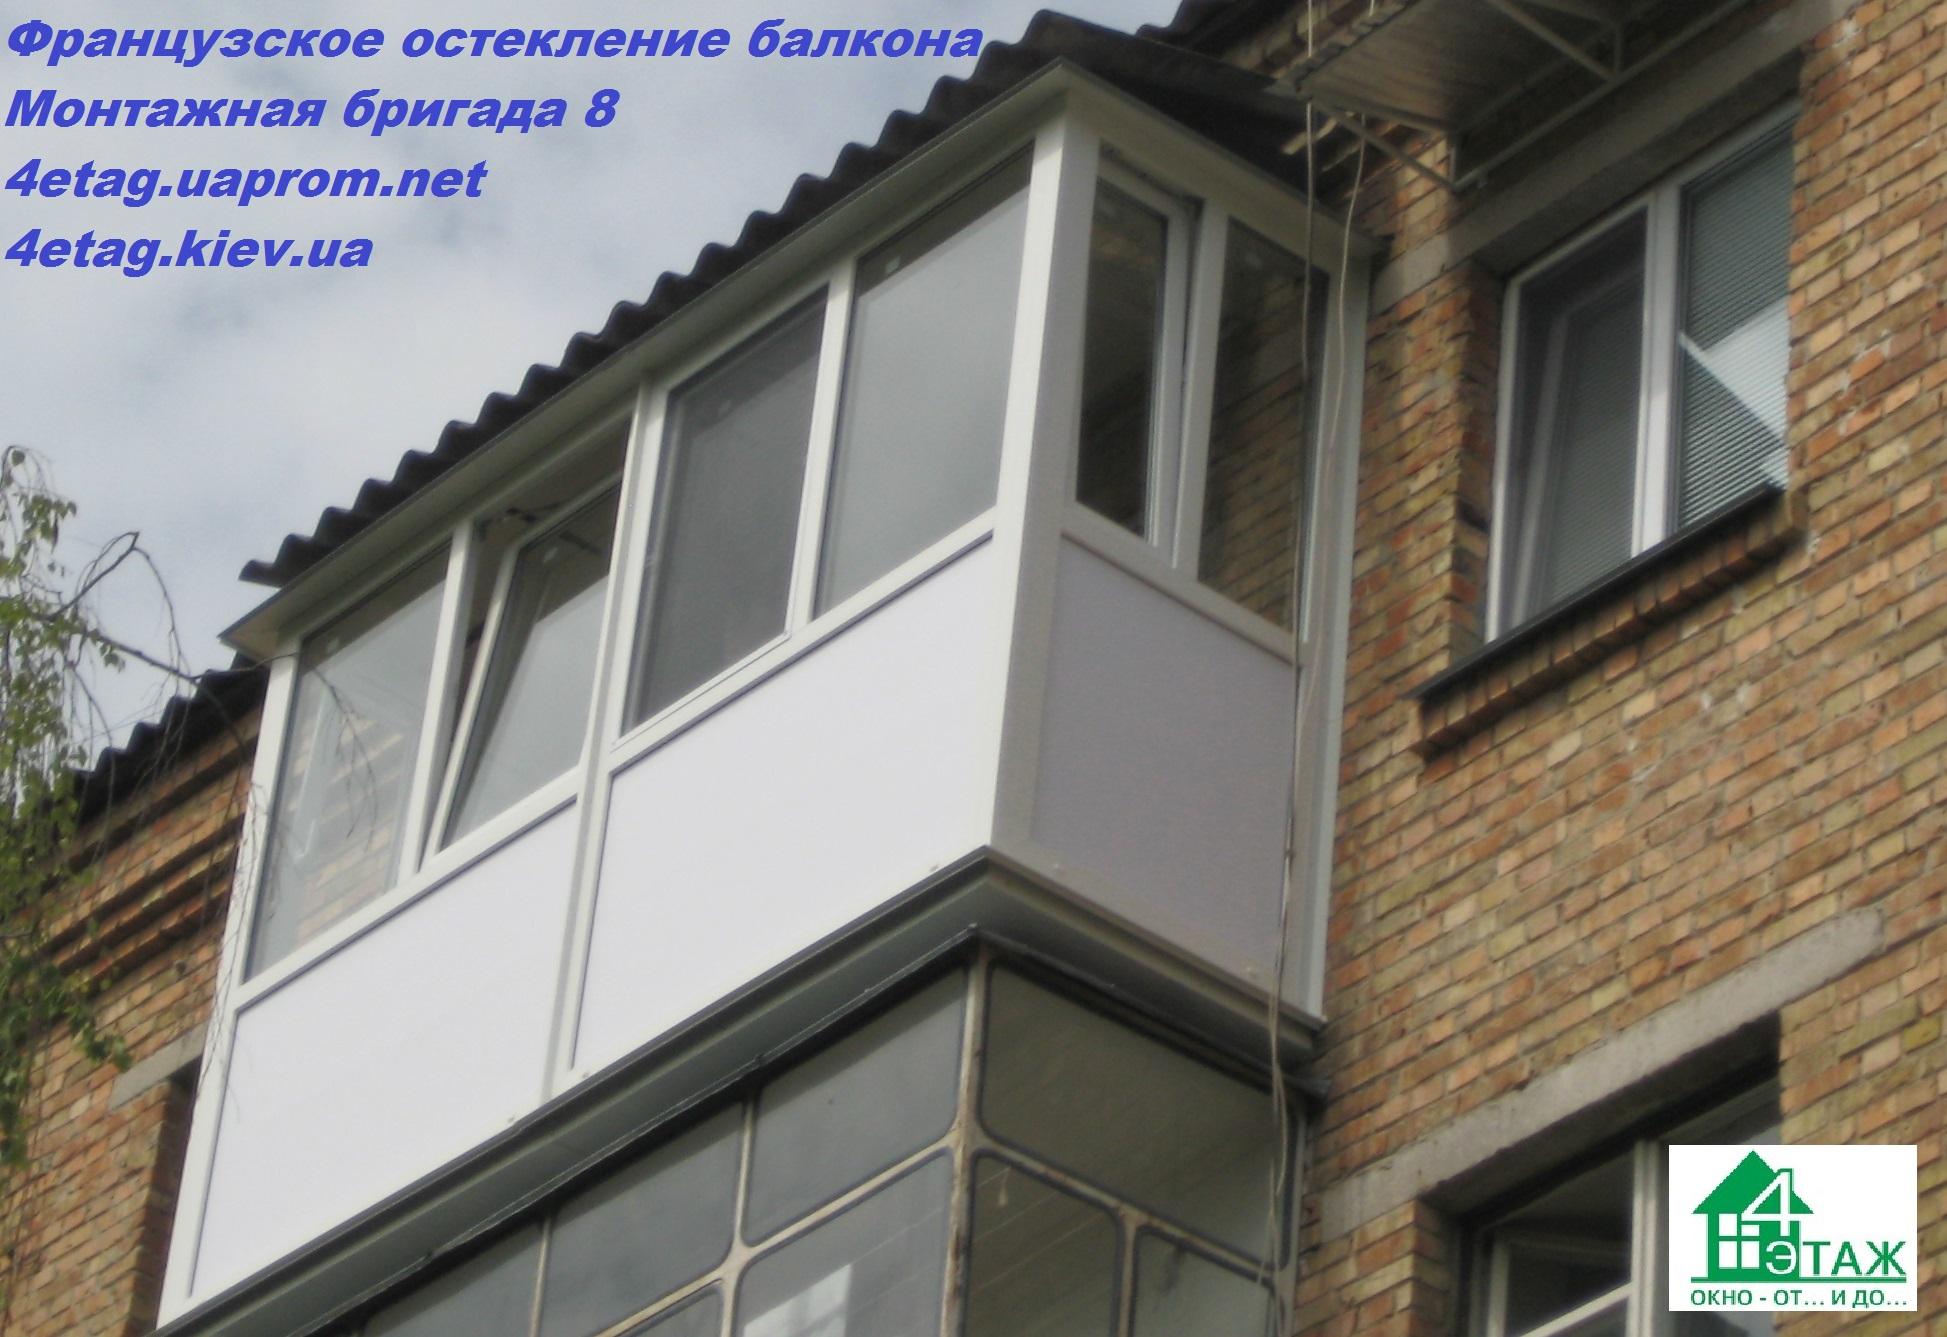 Застекление балконов и лоджий Московские Окна